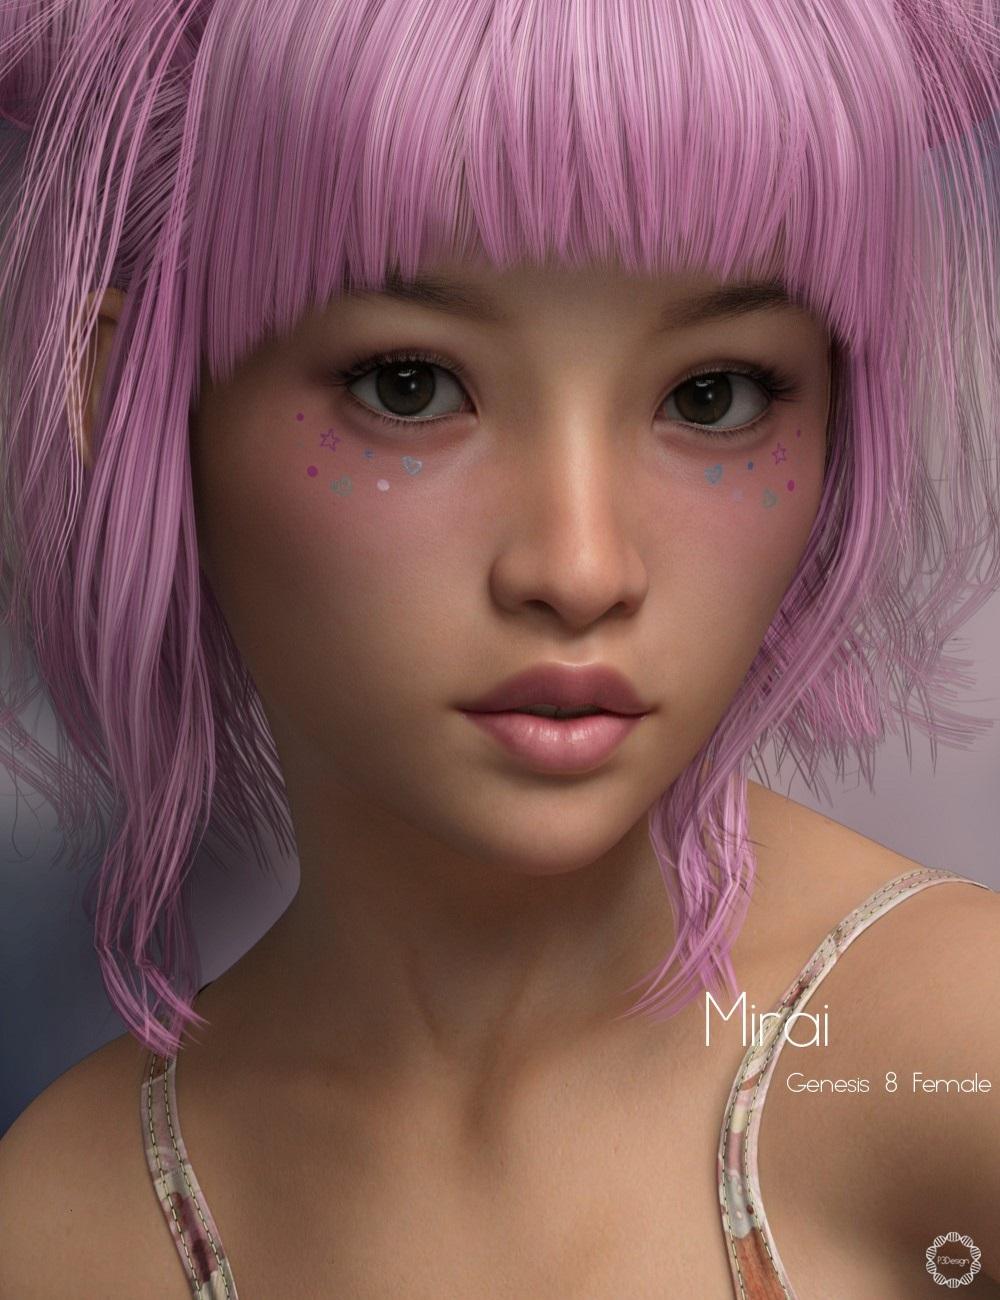 P3D Mirai for Genesis 8 Female by: P3Design, 3D Models by Daz 3D